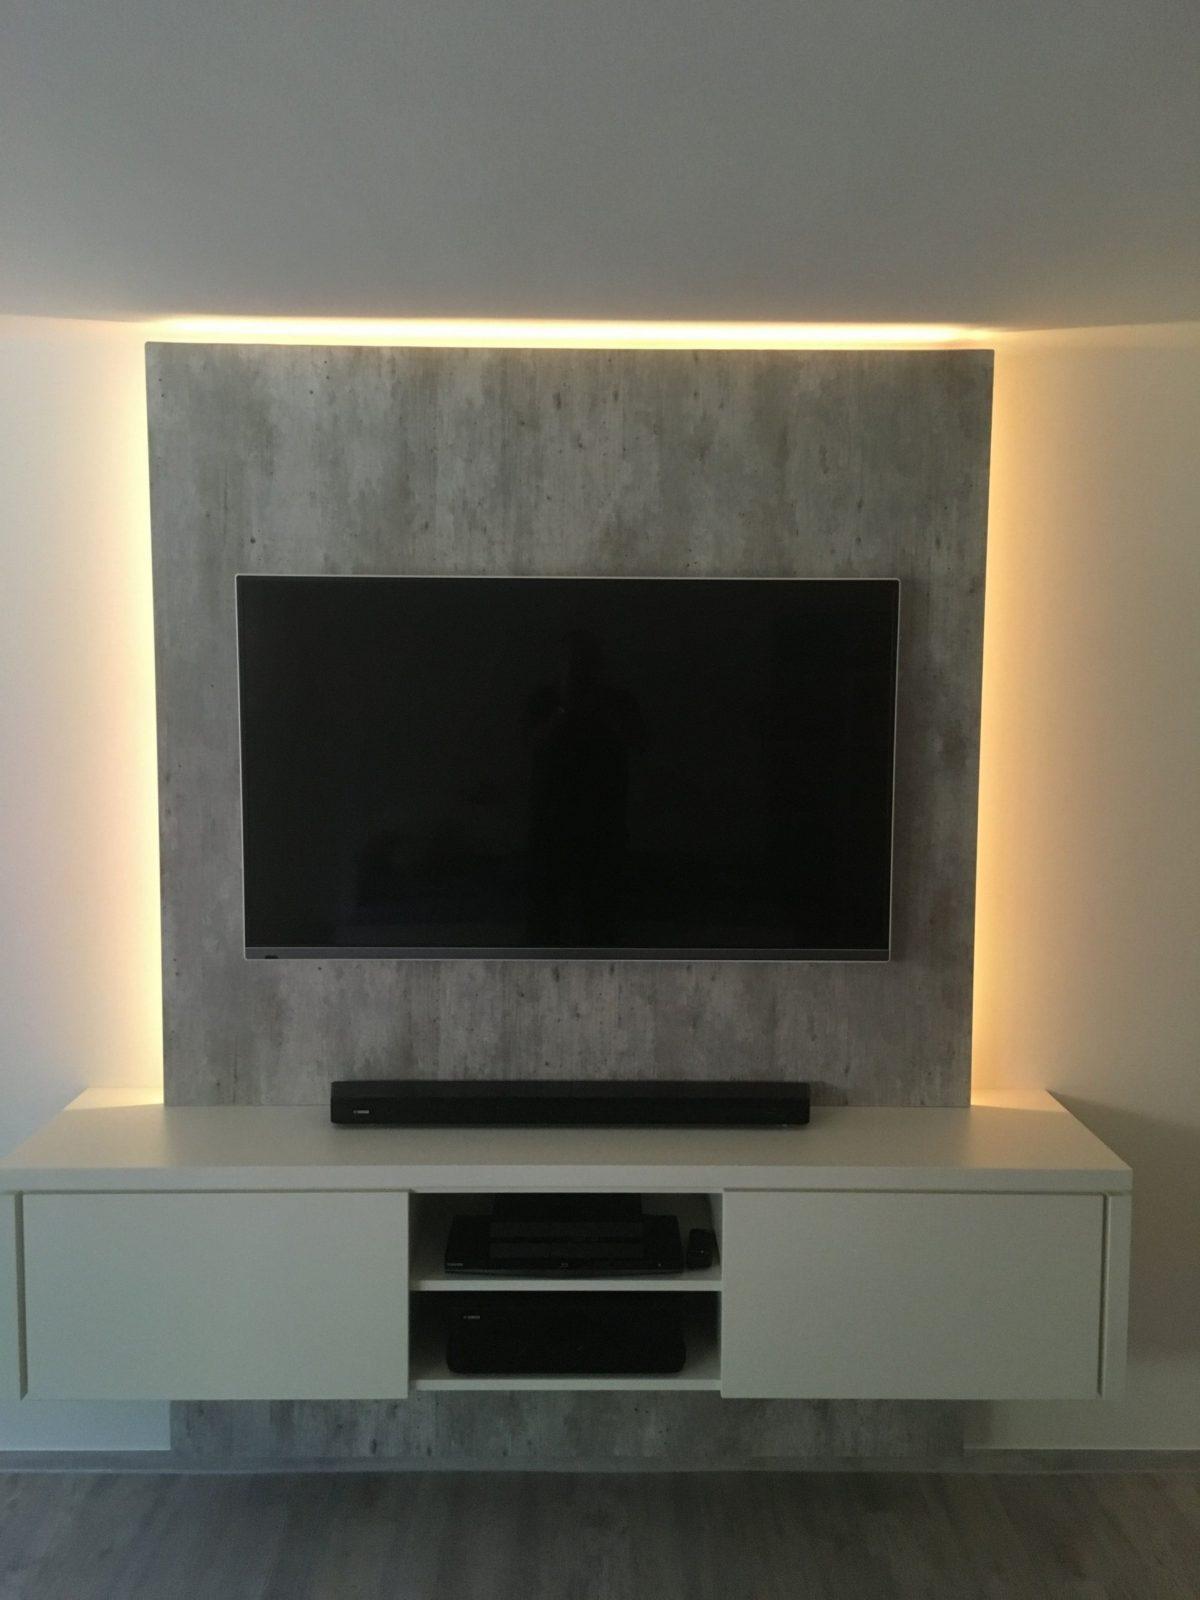 35 Moderne Tv Kabel Verstecken Wand  Ahhadesigns von Fernseher An Die Wand Hängen Kabel Verstecken Photo